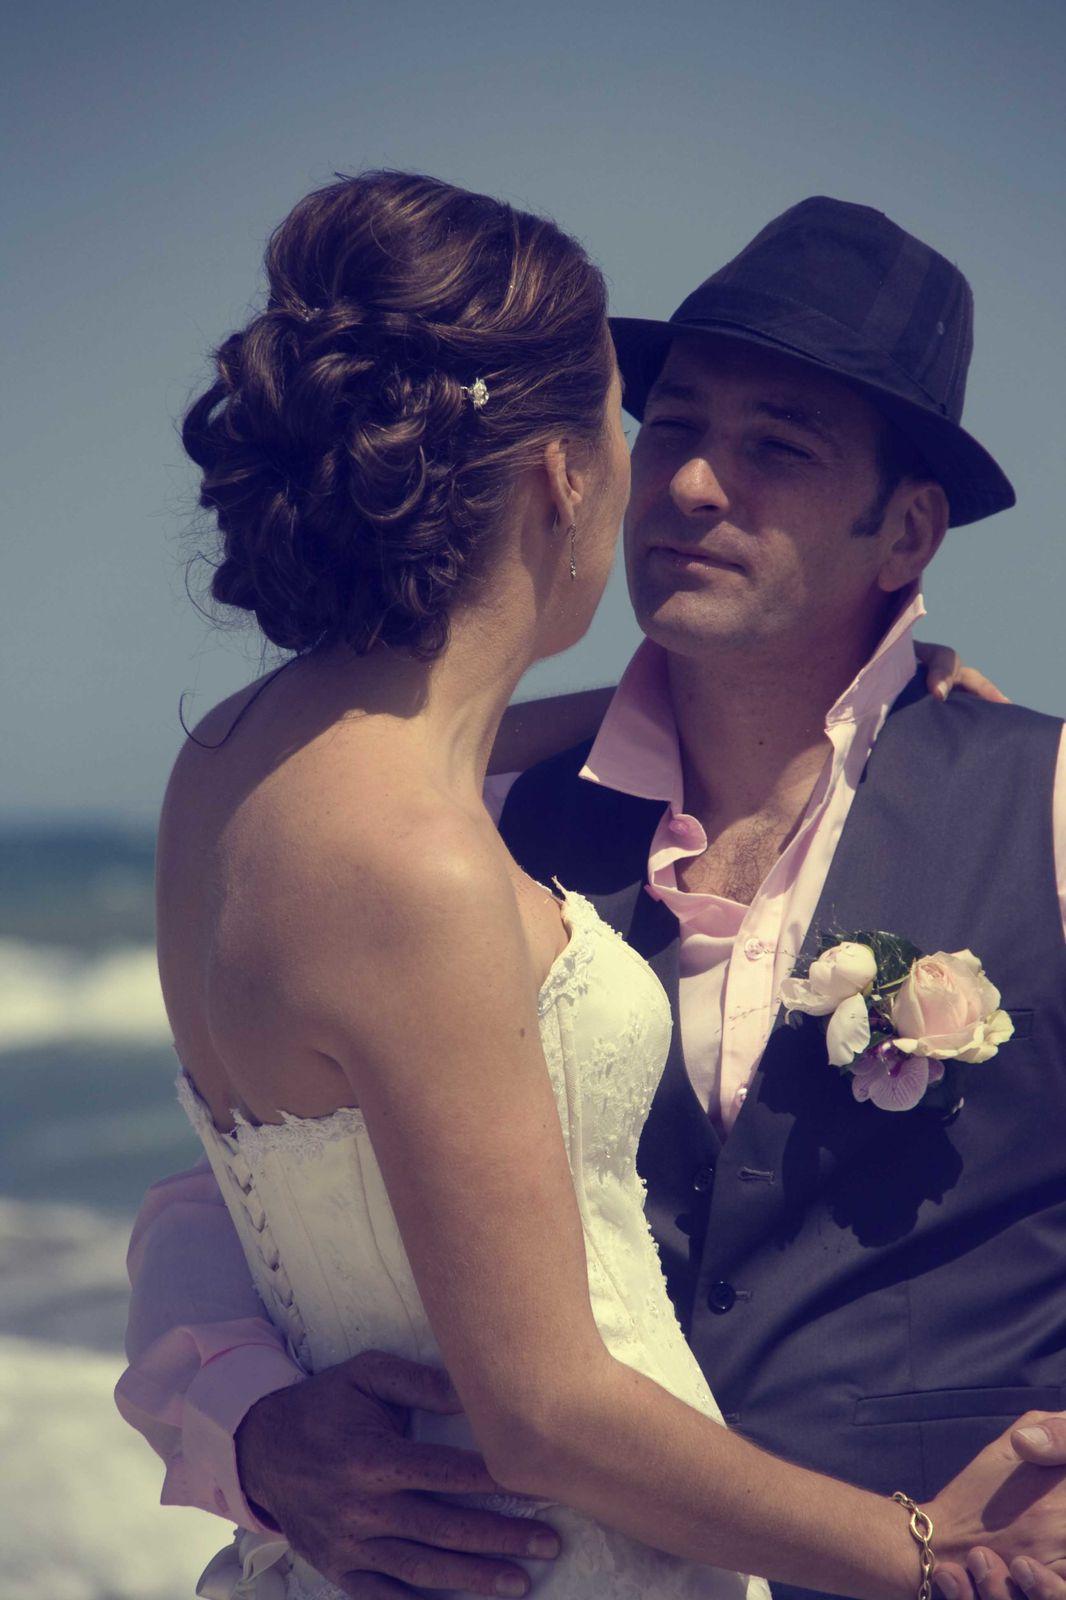 Merci à tous les amoureux pour partager leur bonheur, Gracias a todos los enamorados por compartir su felicidad:)